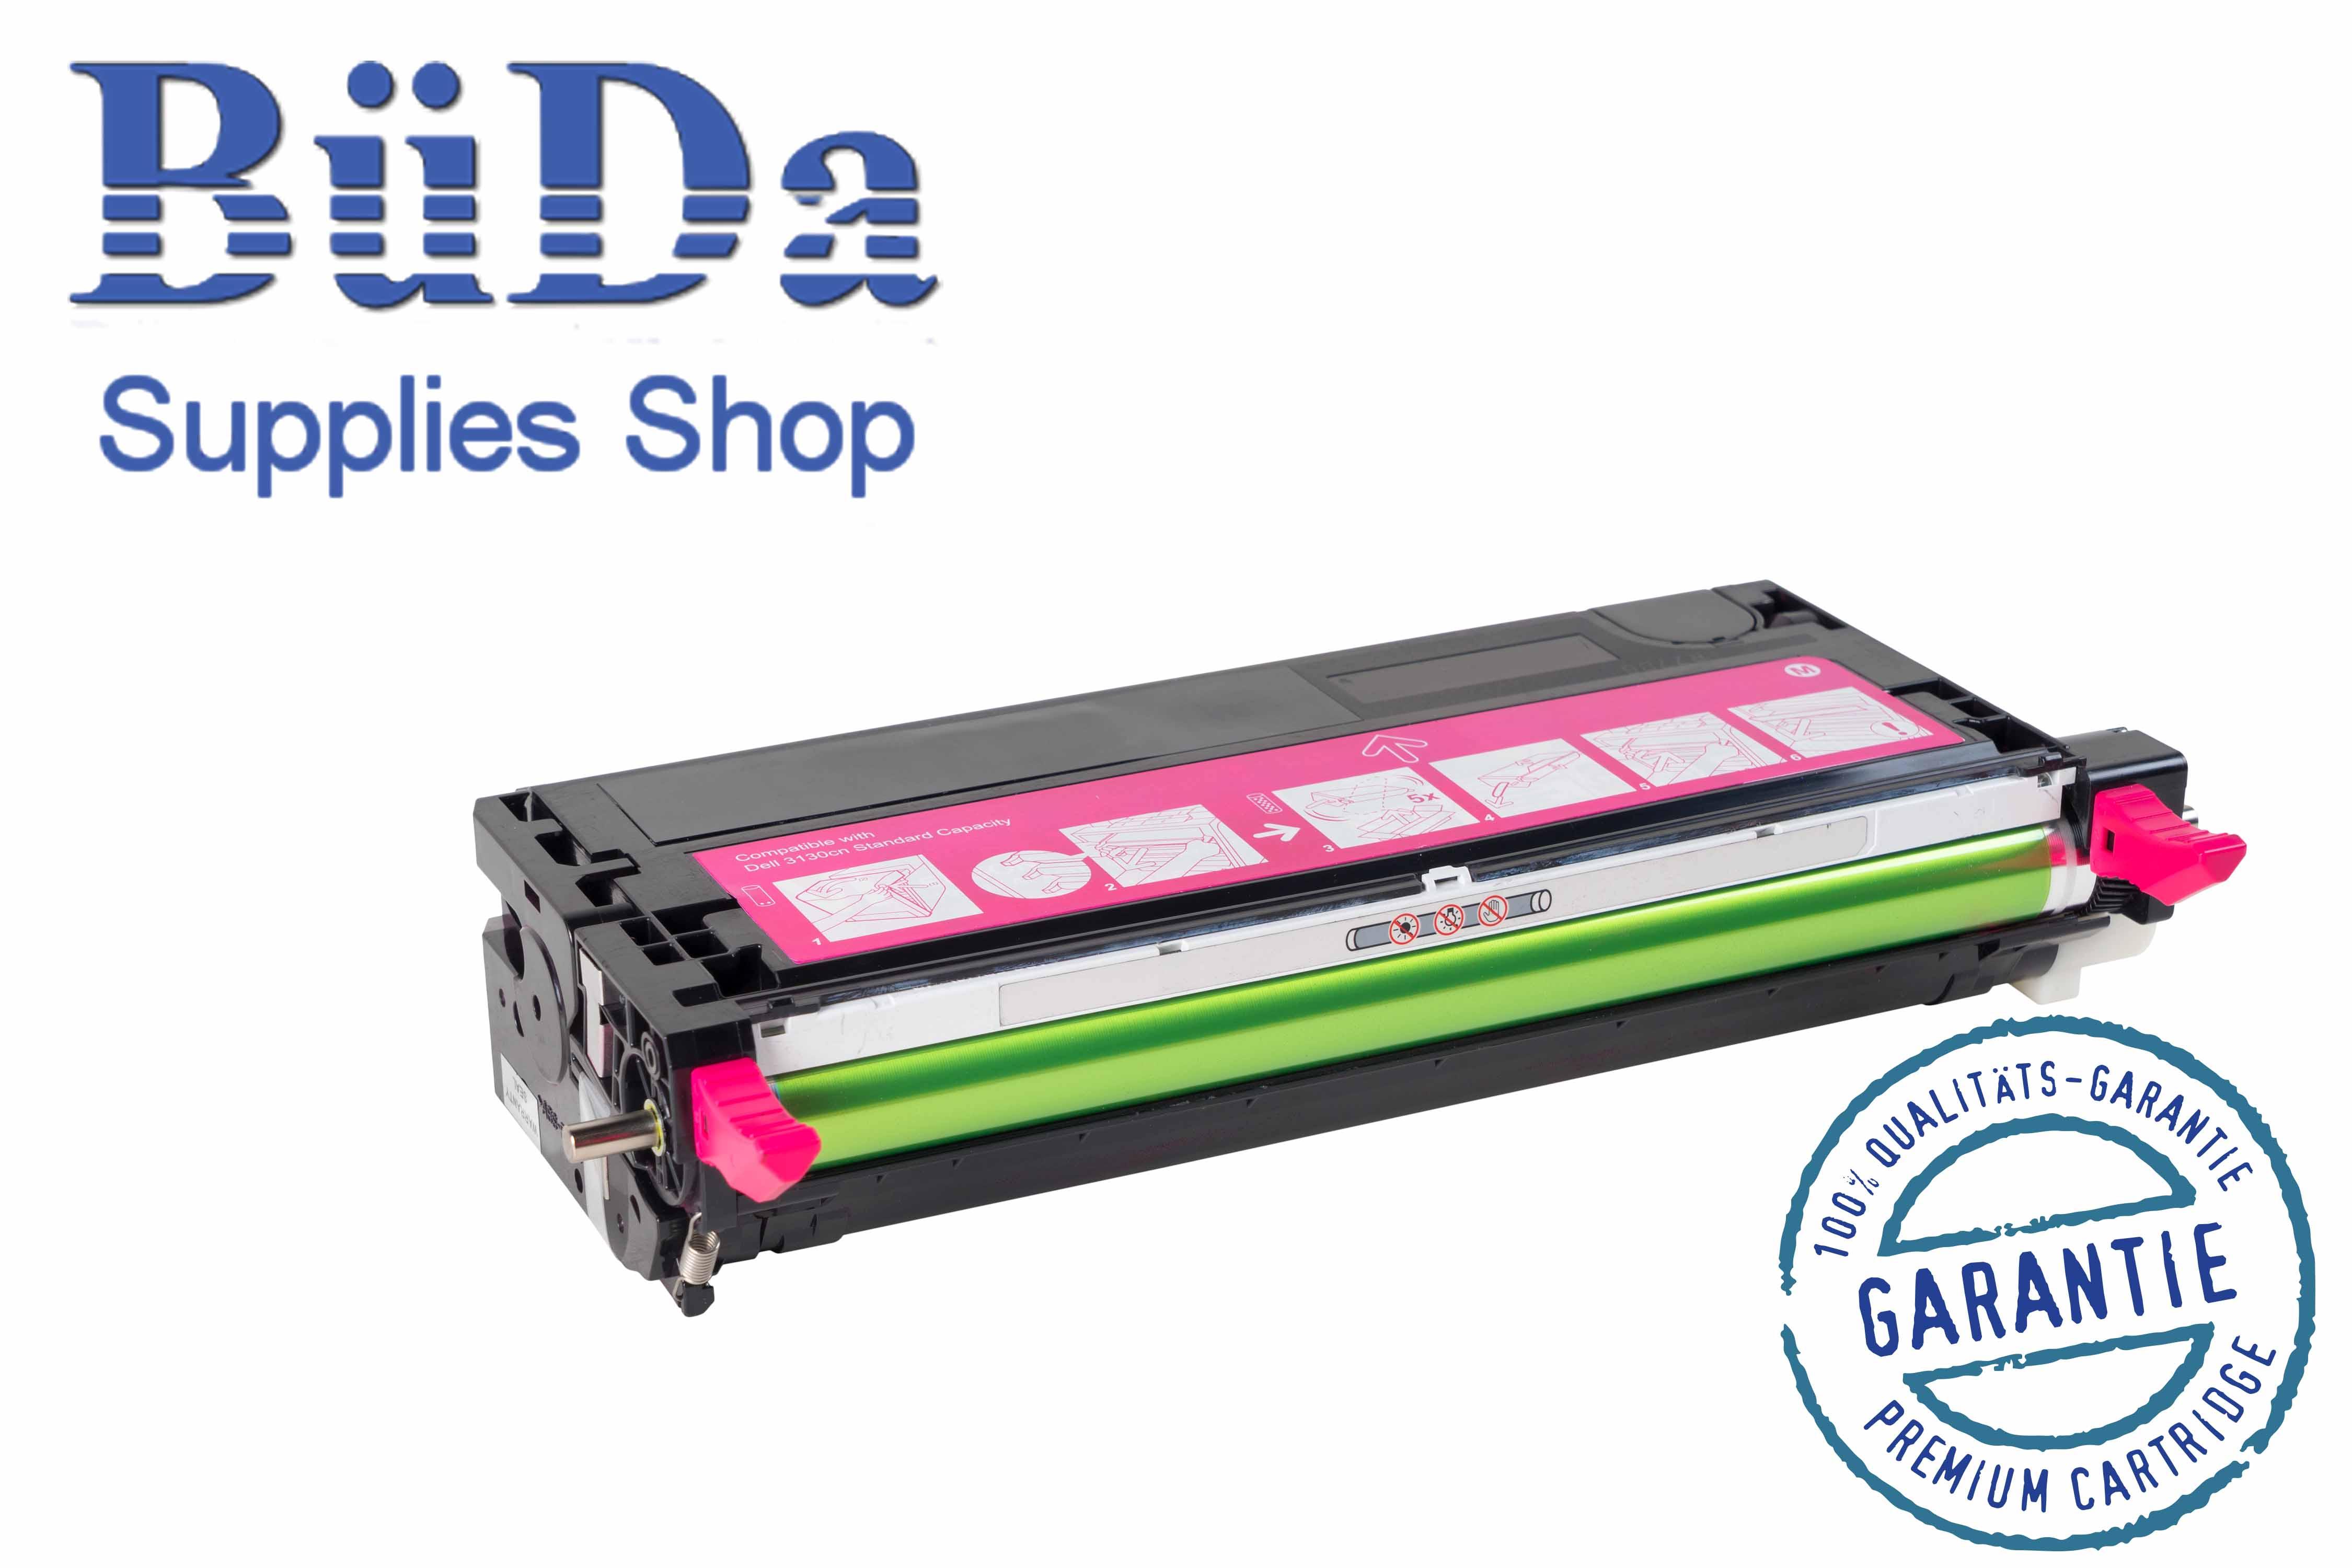 Toner-Modul komp. zu Dell 3130 magenta 9000 Seiten